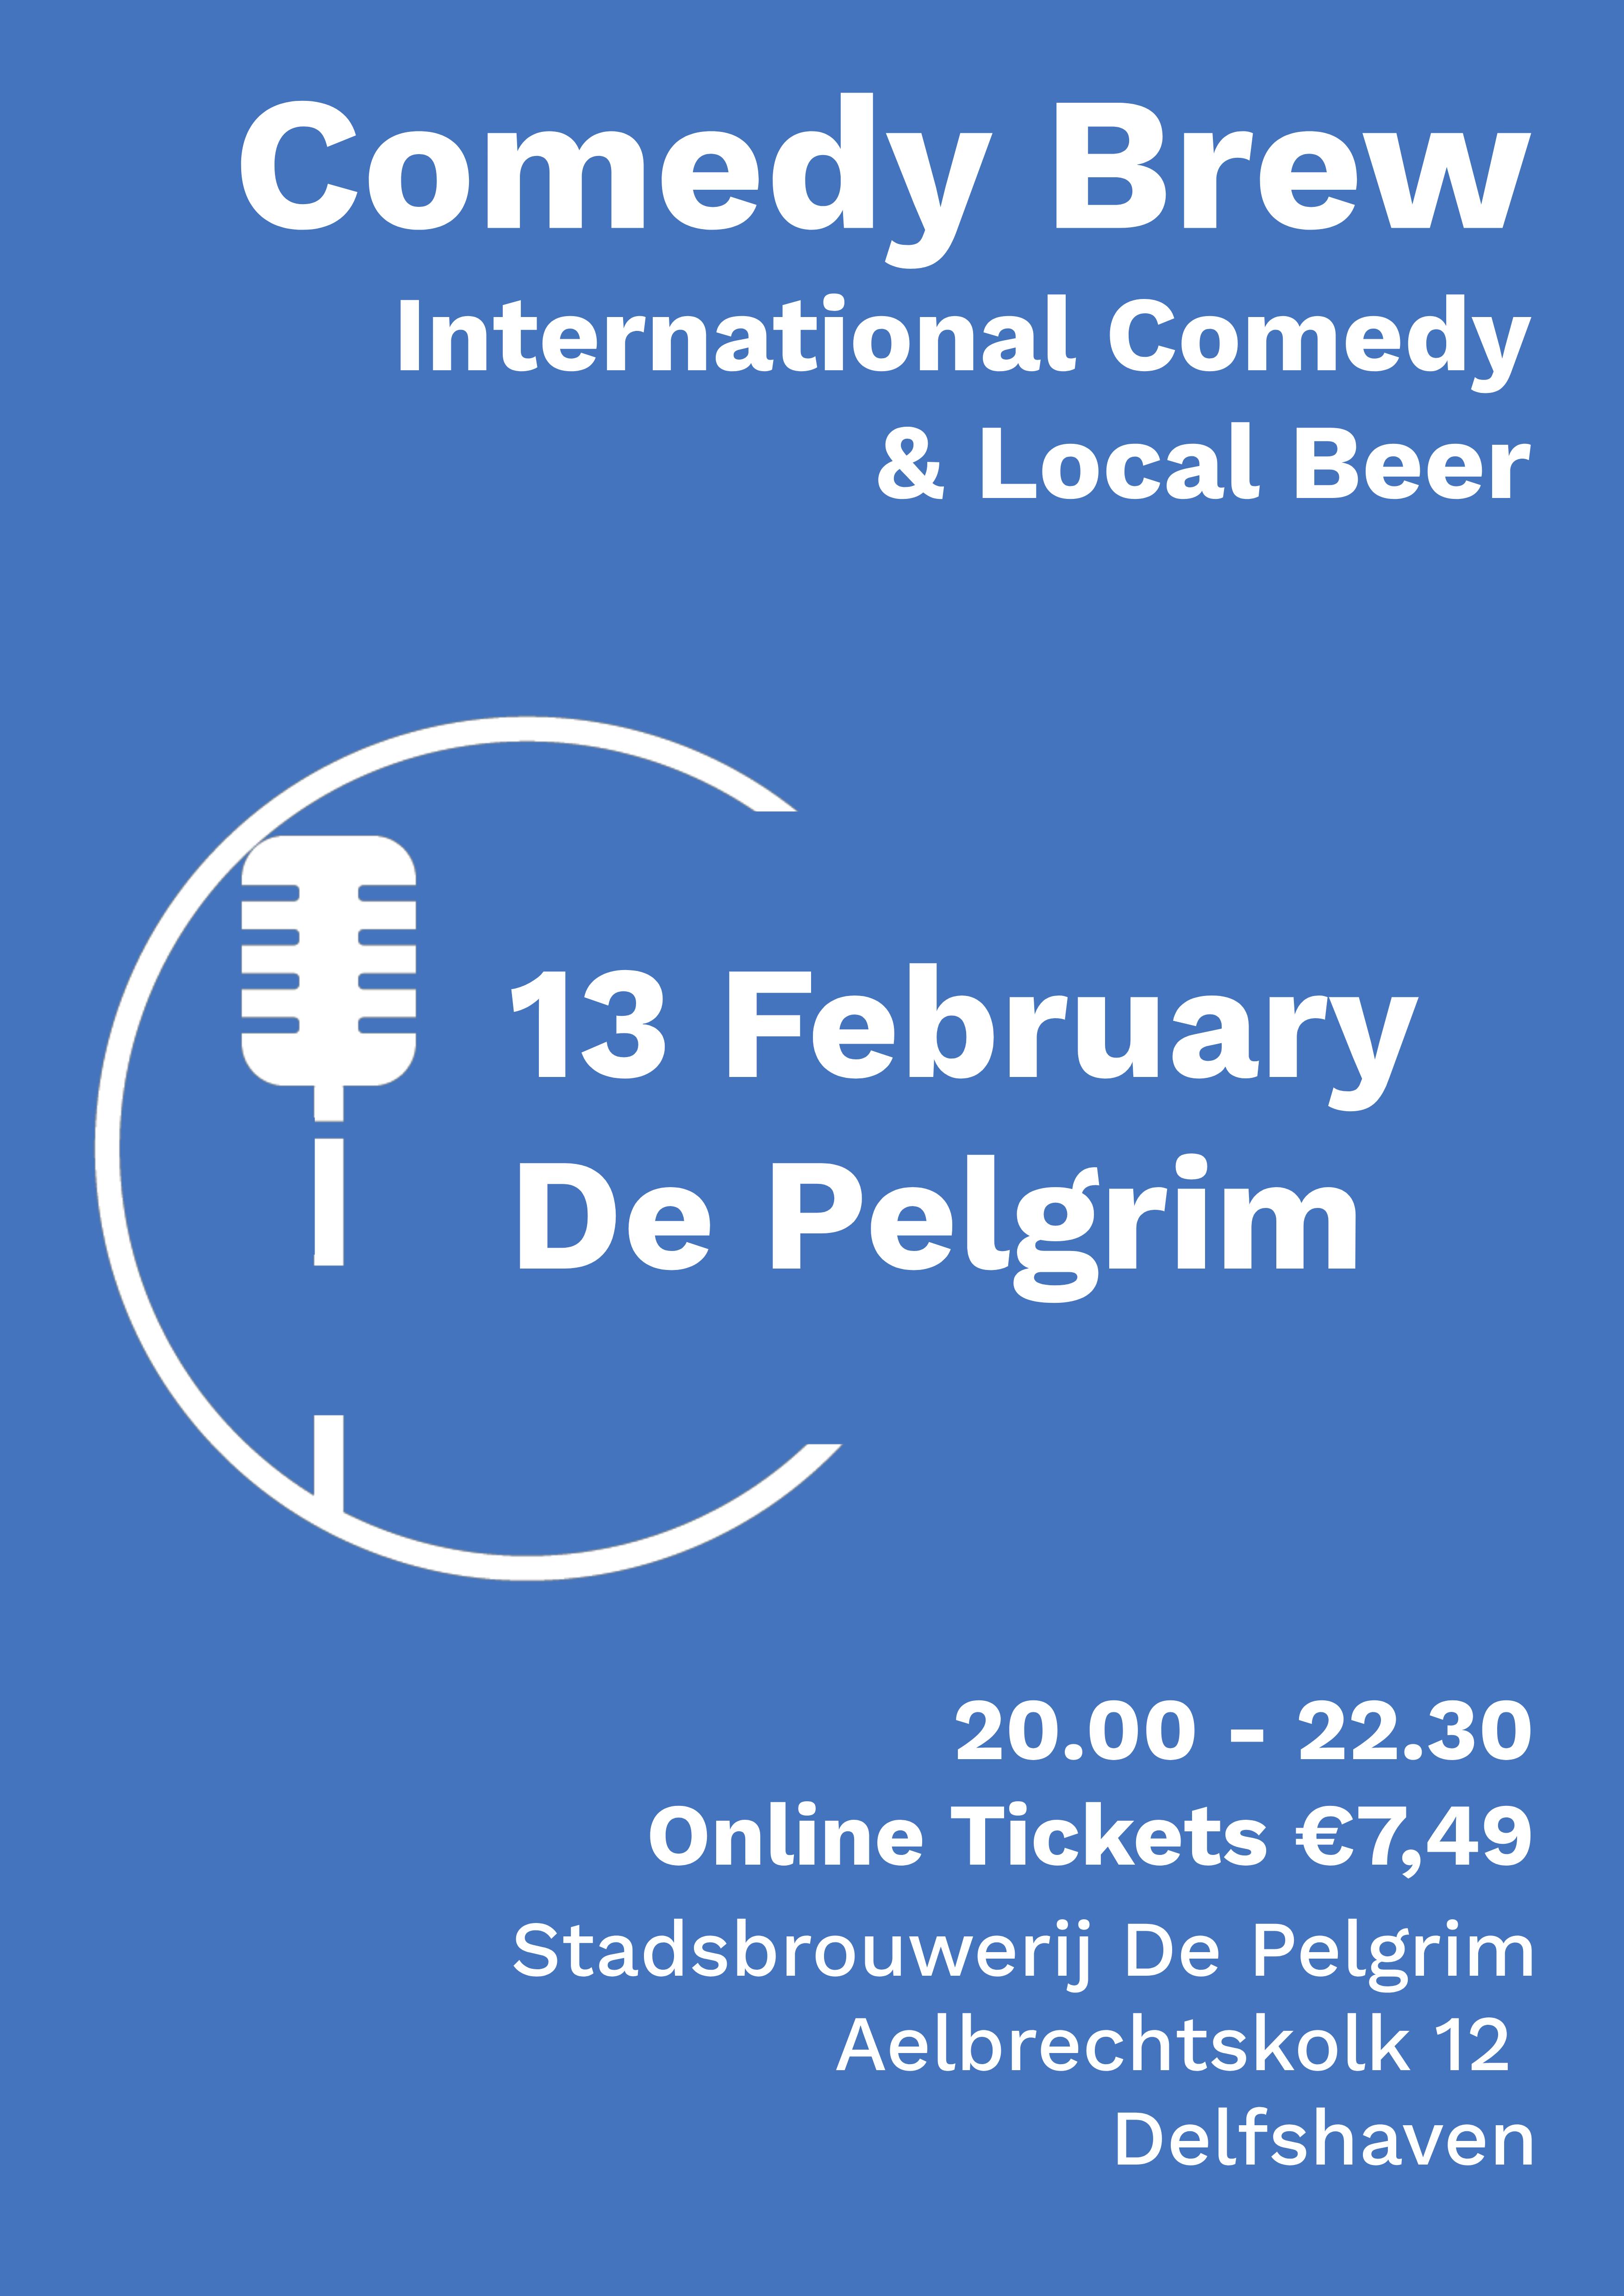 Ticket kopen voor evenement Comedy Brew February